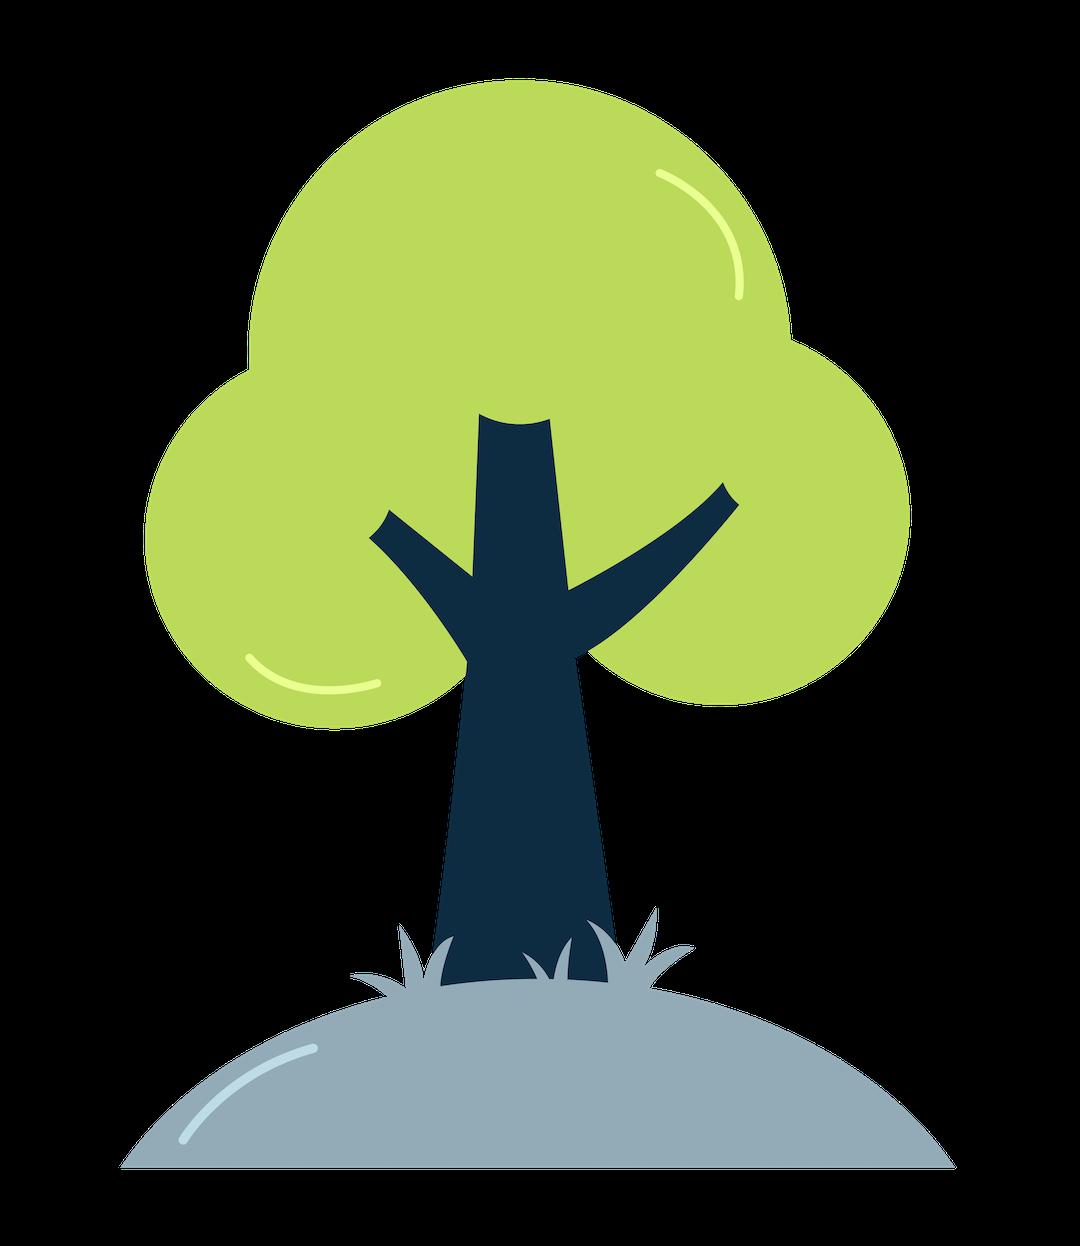 green shipping materials illustration